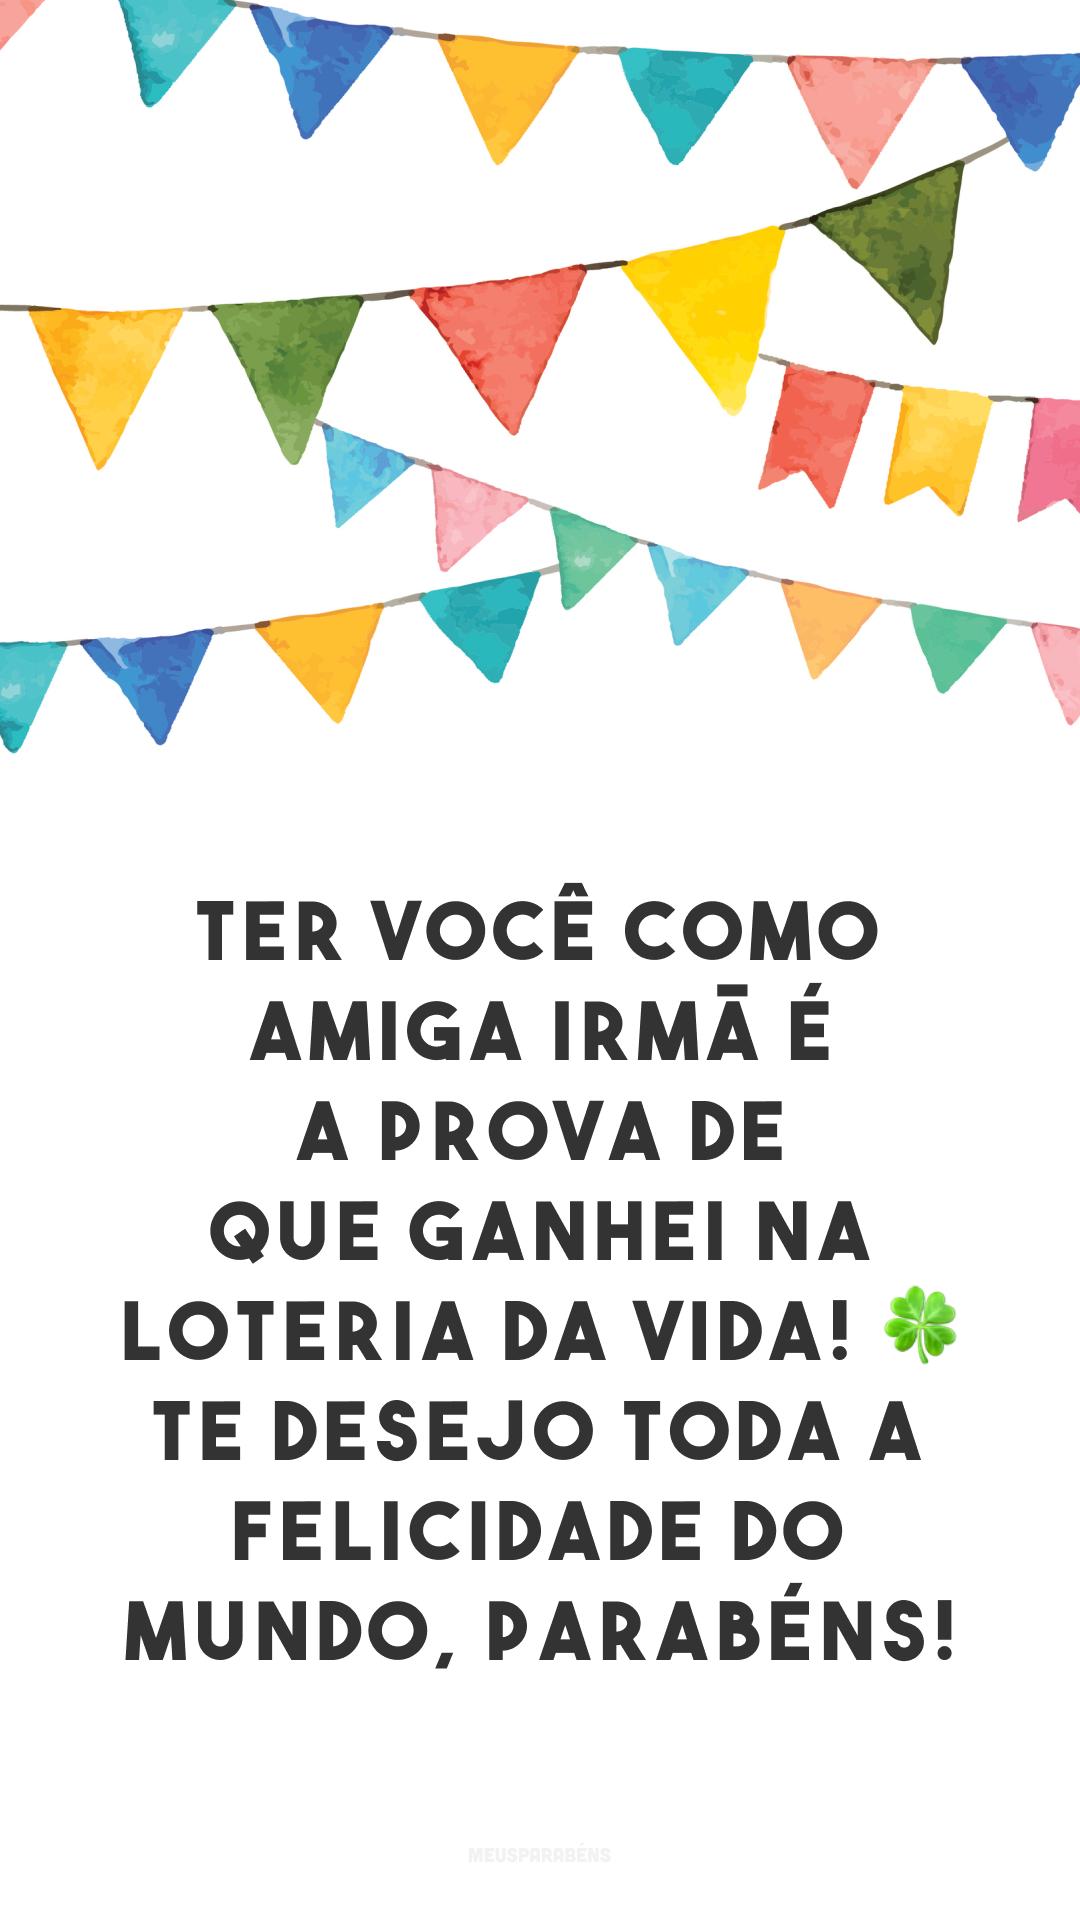 Ter você como amiga irmã é a prova de que ganhei na loteria da vida! 🍀 Te desejo toda a felicidade do mundo, parabéns!